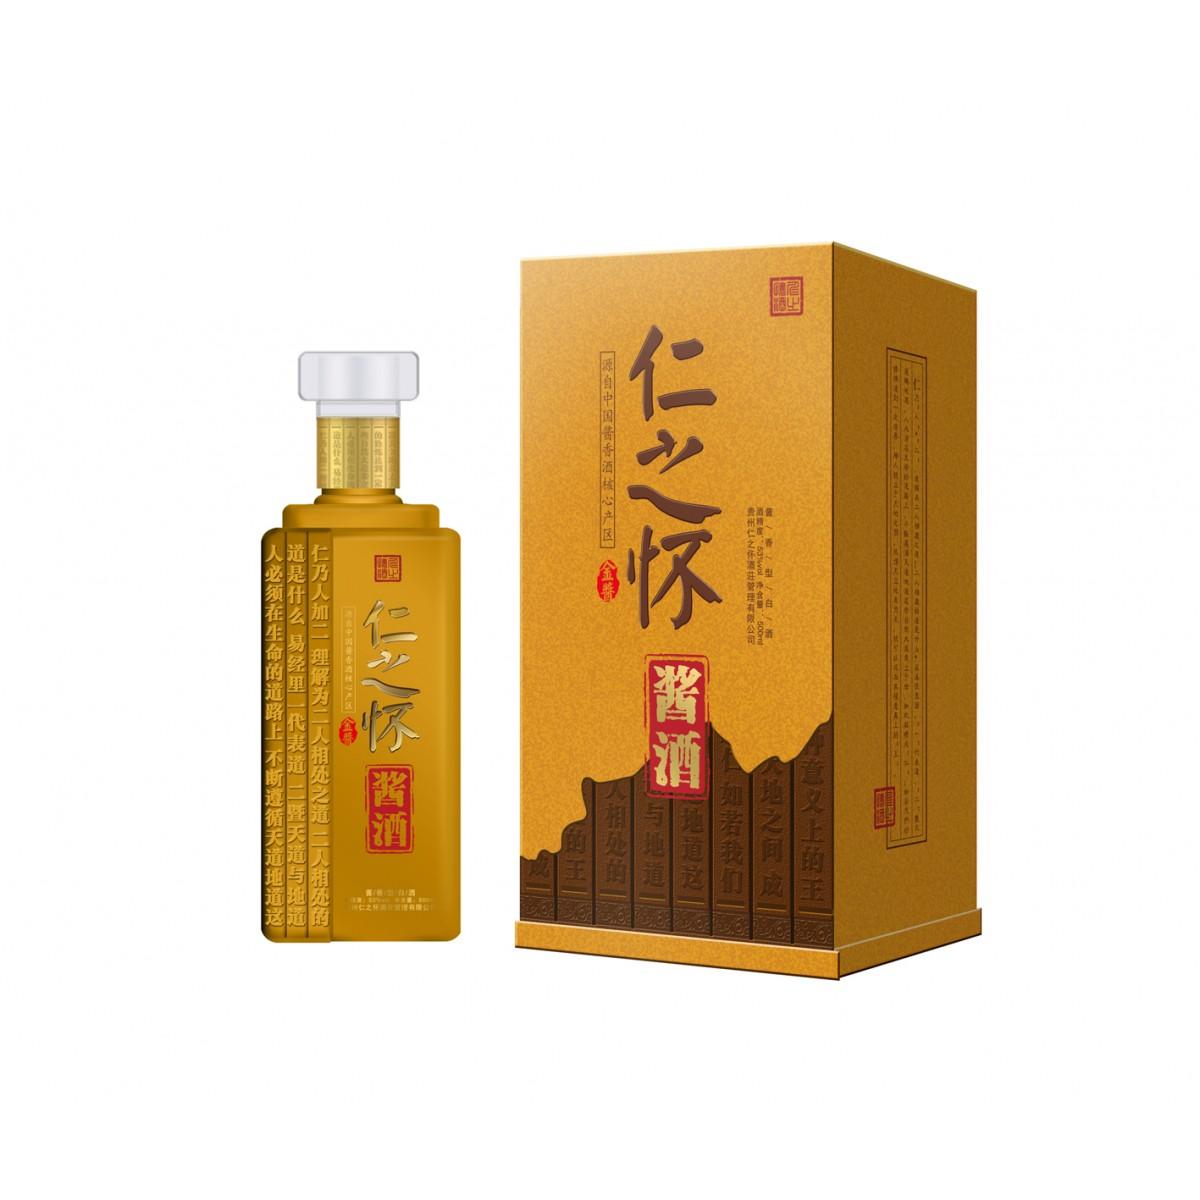 贵州白酒品牌-贵州仁之怀酒莊管理有限公司